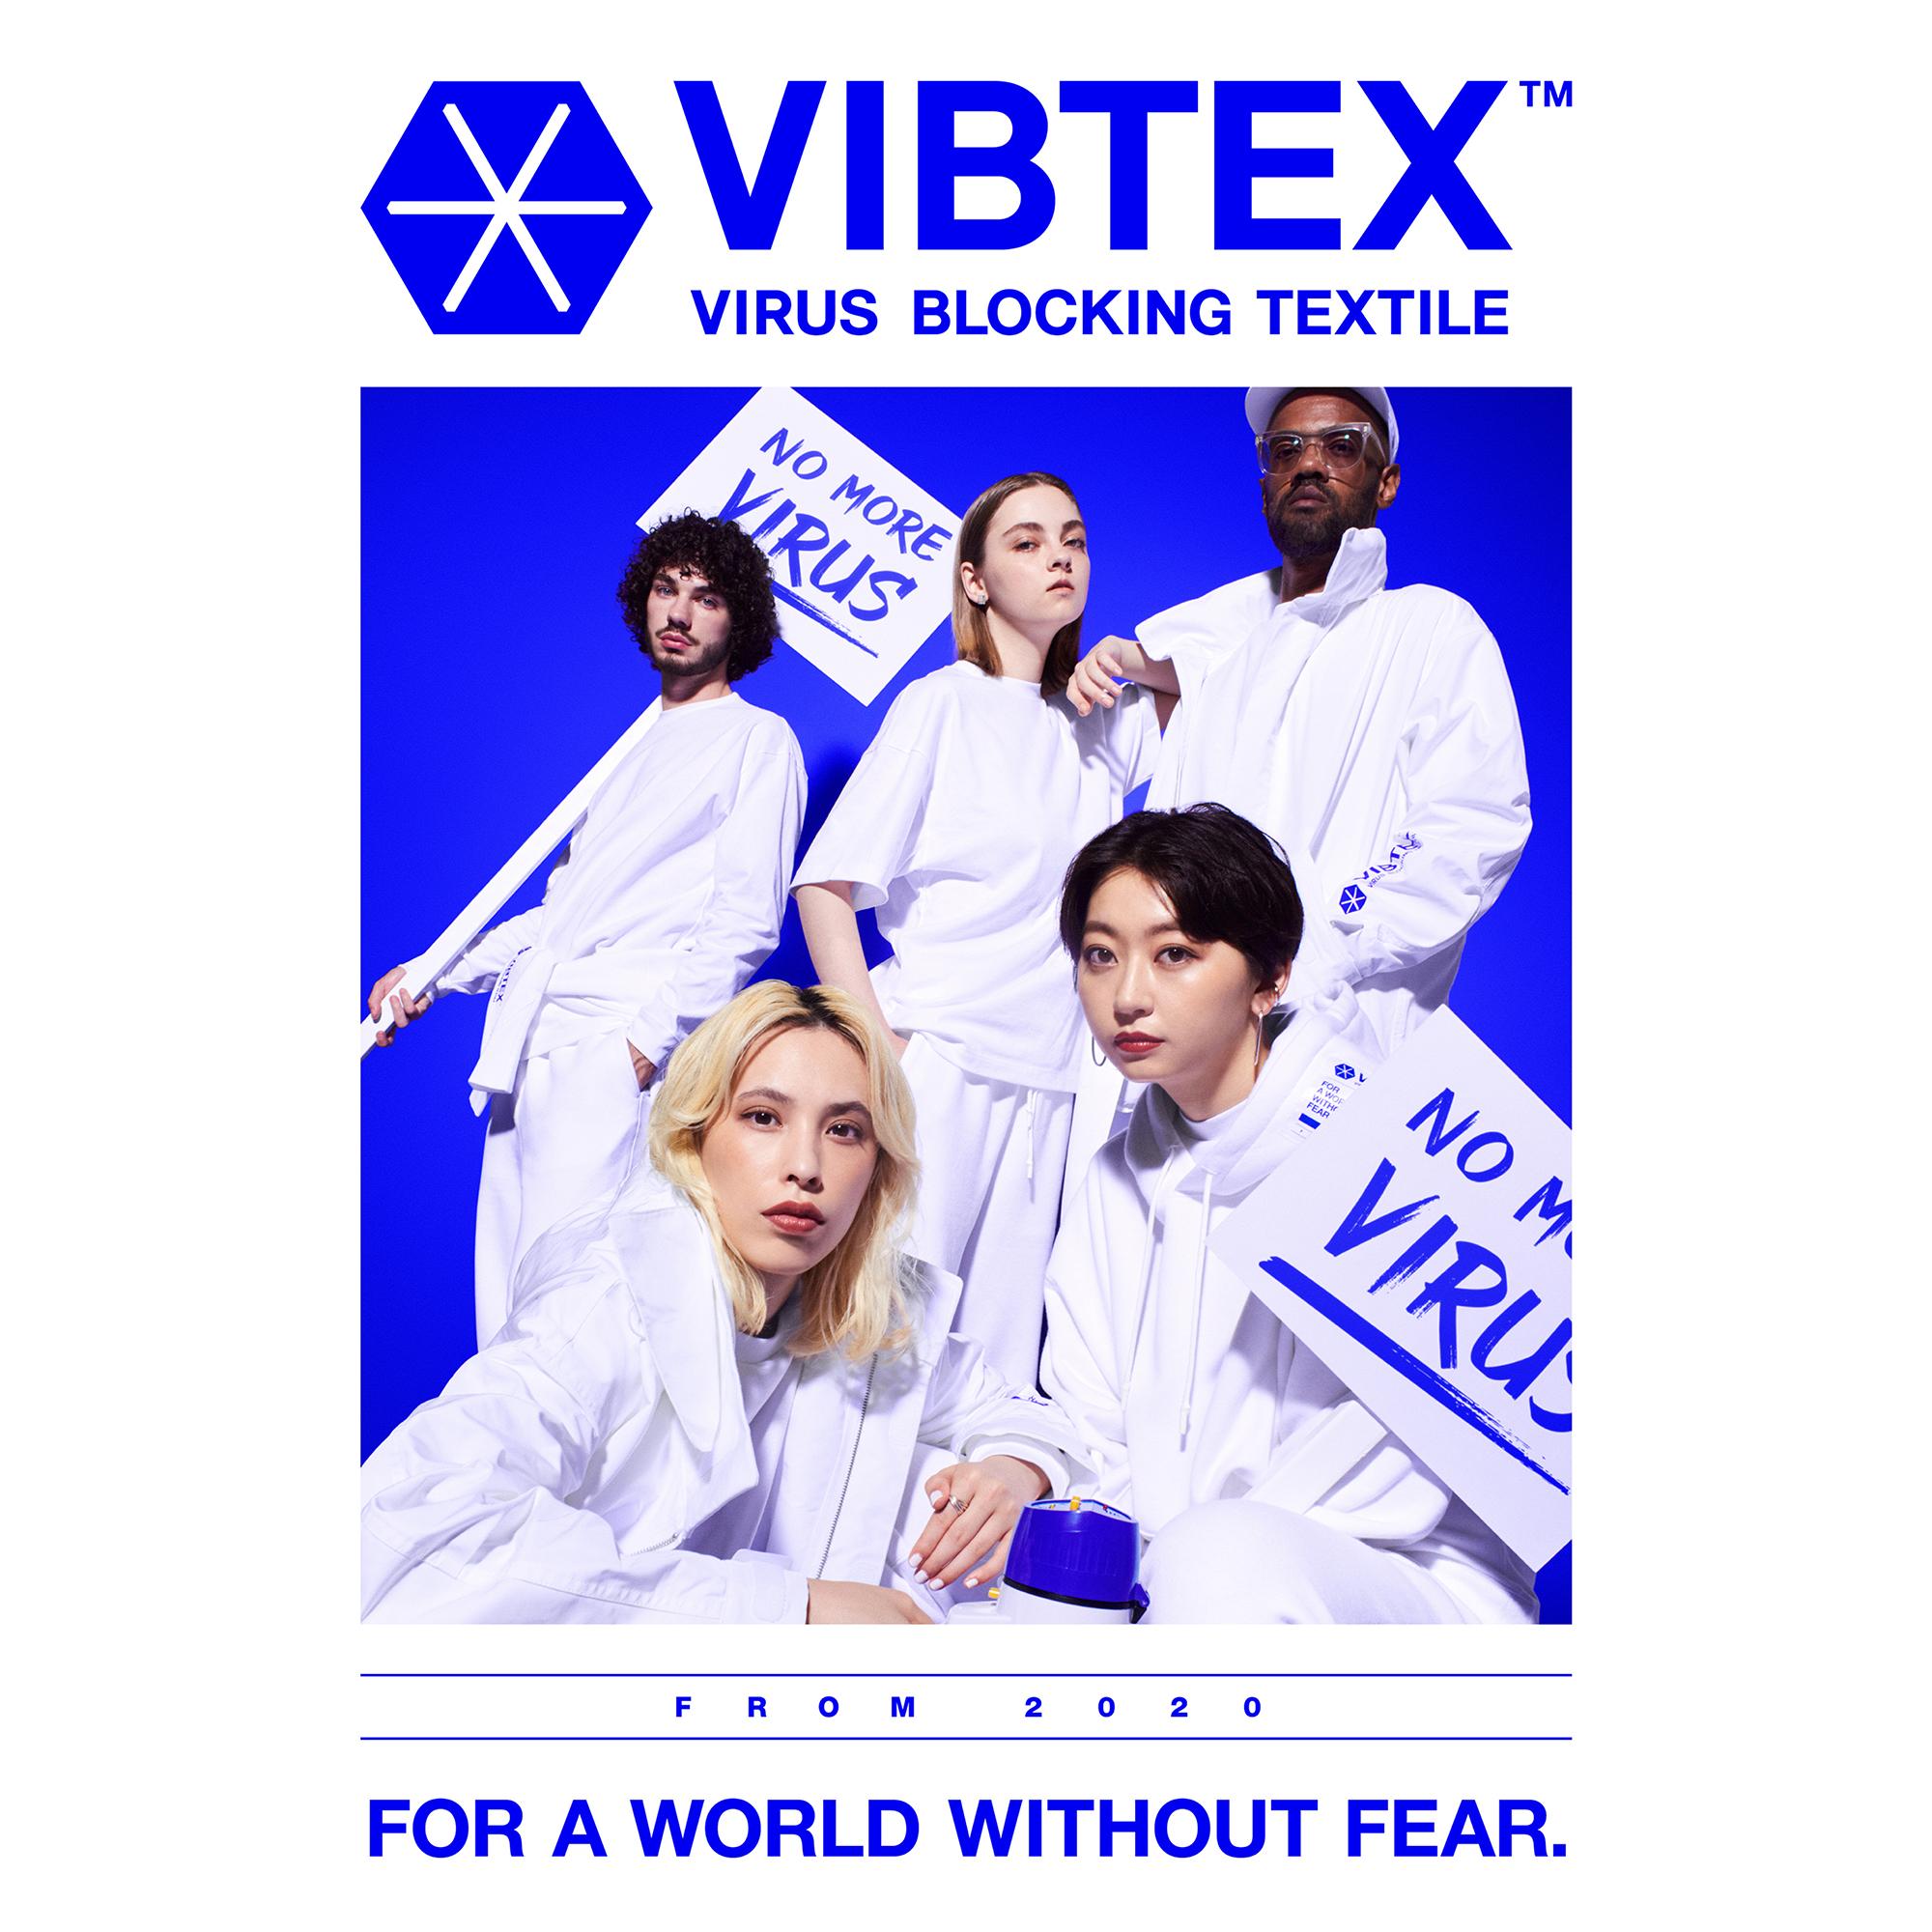 日本初の抗ウイルス・トータルウェアブランド「VIBTEX」とコラボ!「どうやら、私は」MV公開!